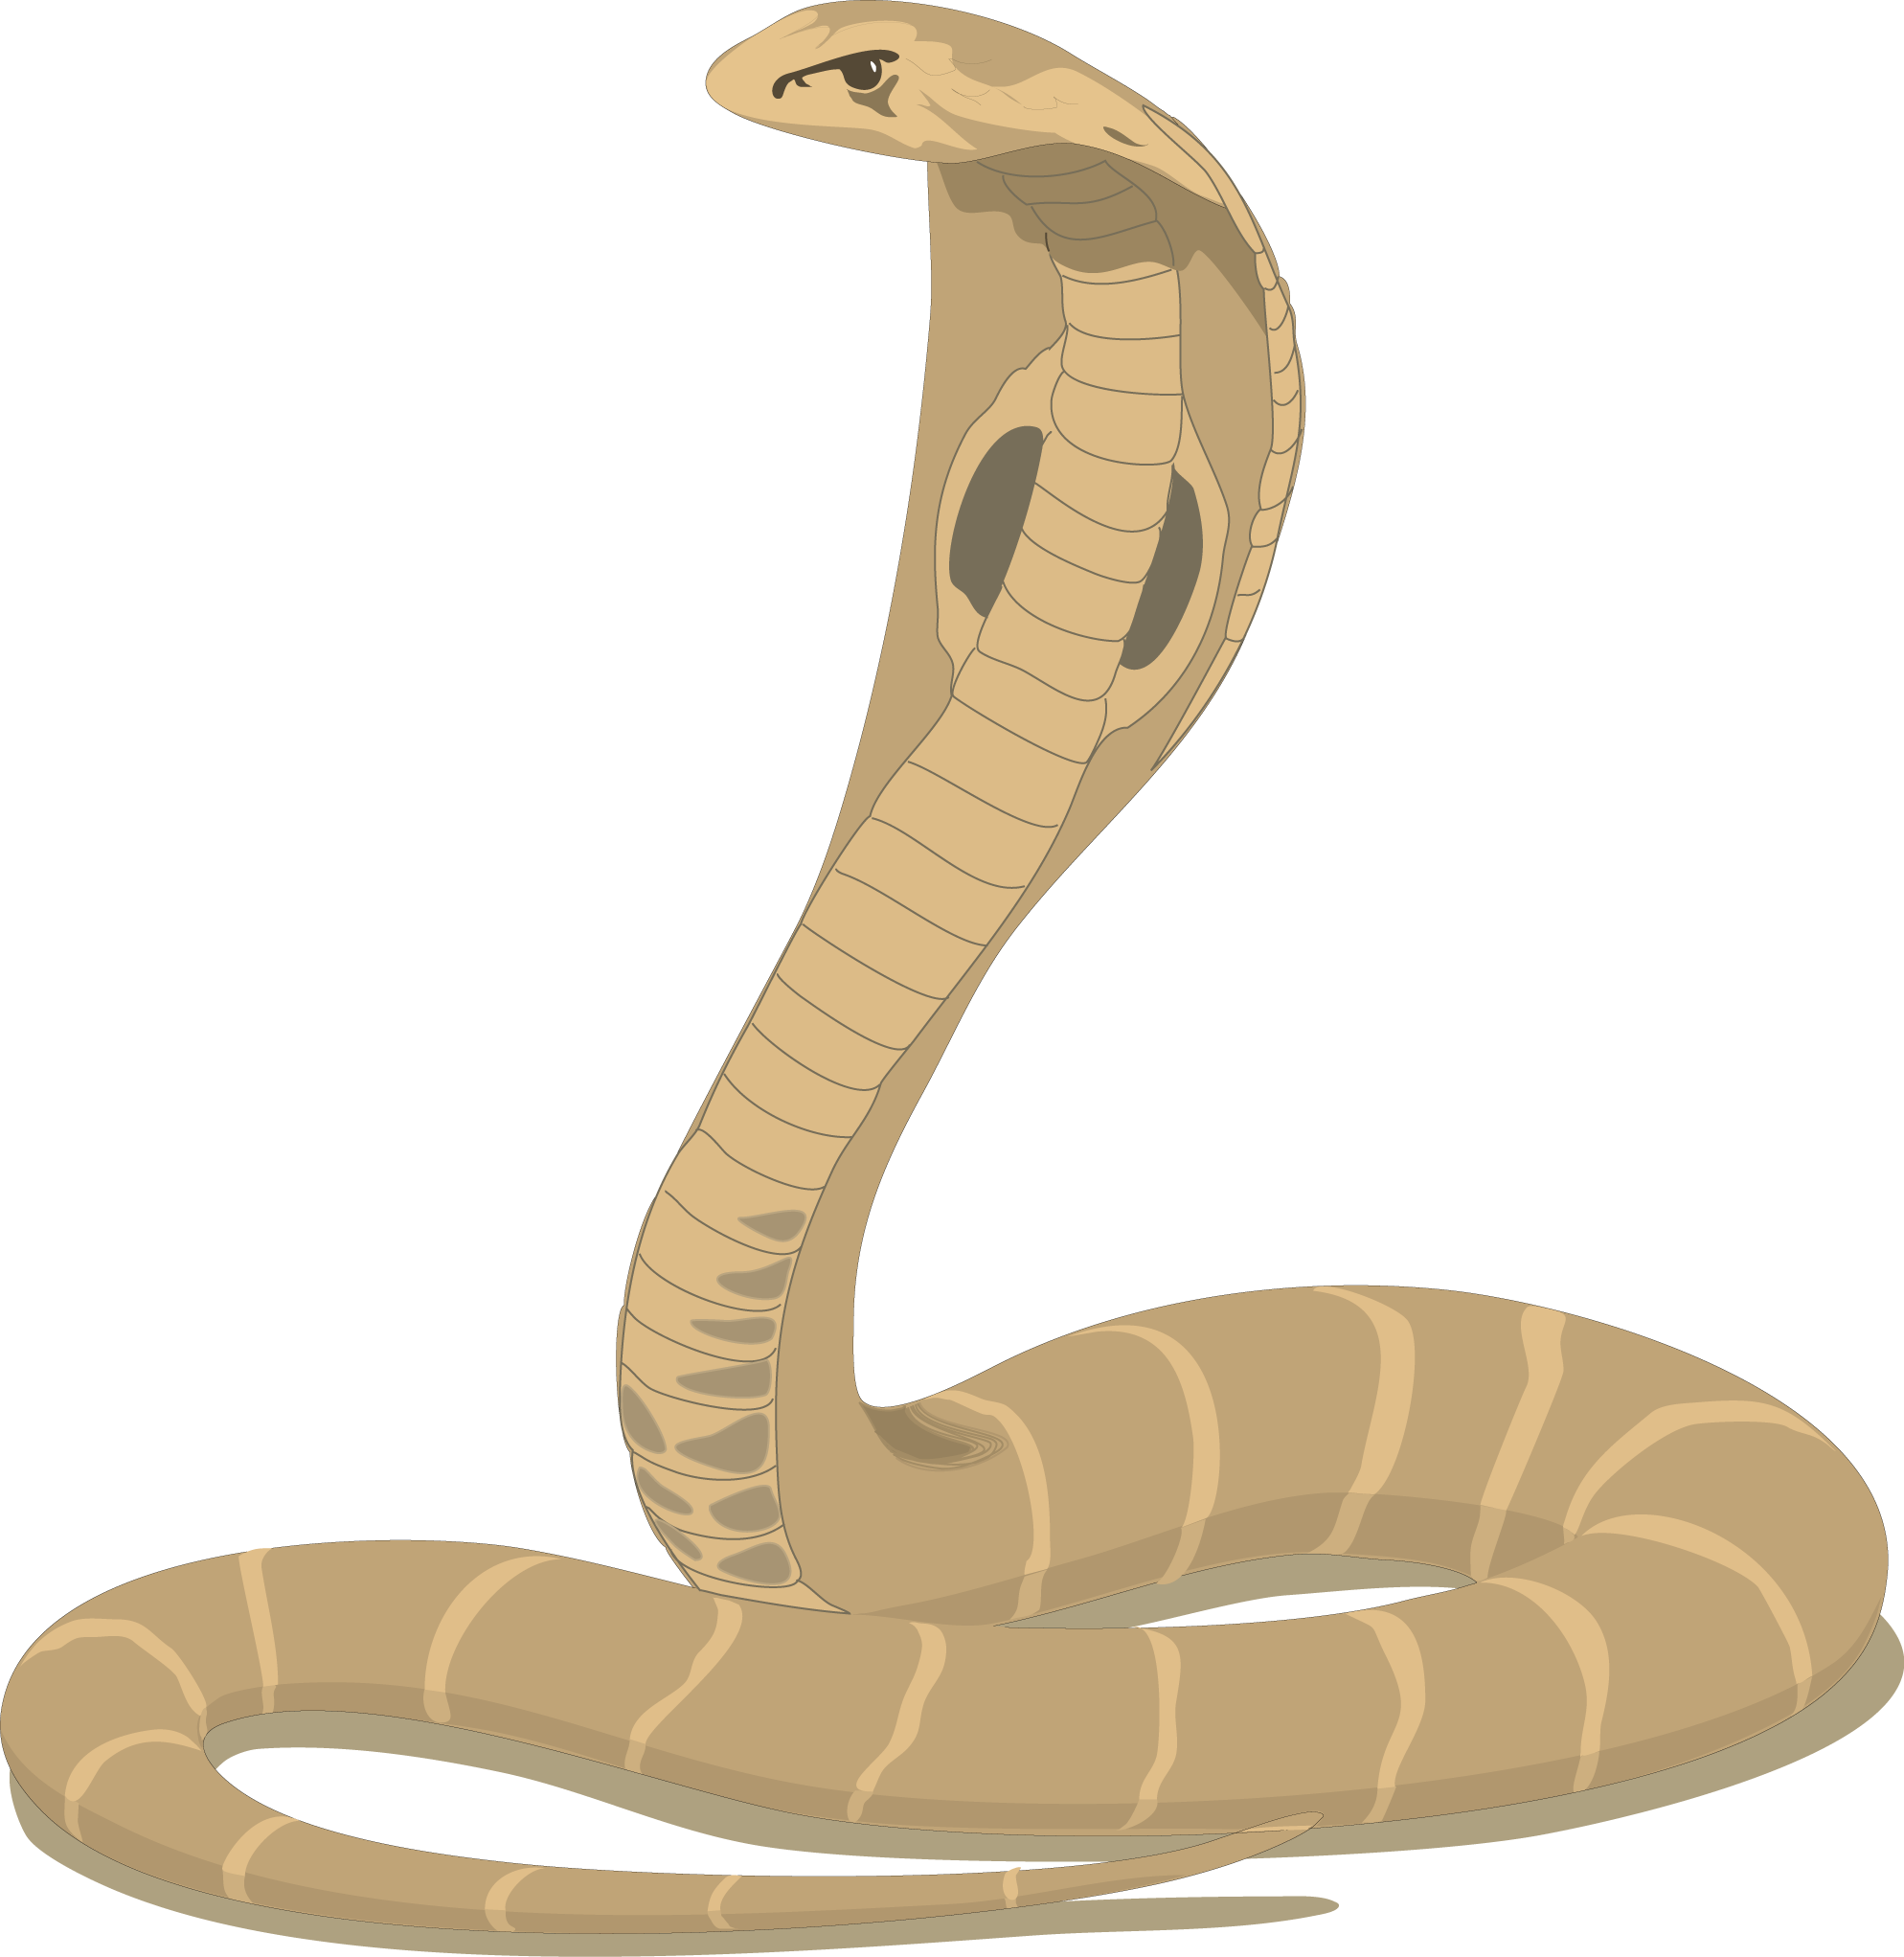 Cobra Clip Art Free. Cobra Snake Cartoon-Cobra Clip Art Free. Cobra Snake Cartoon-7